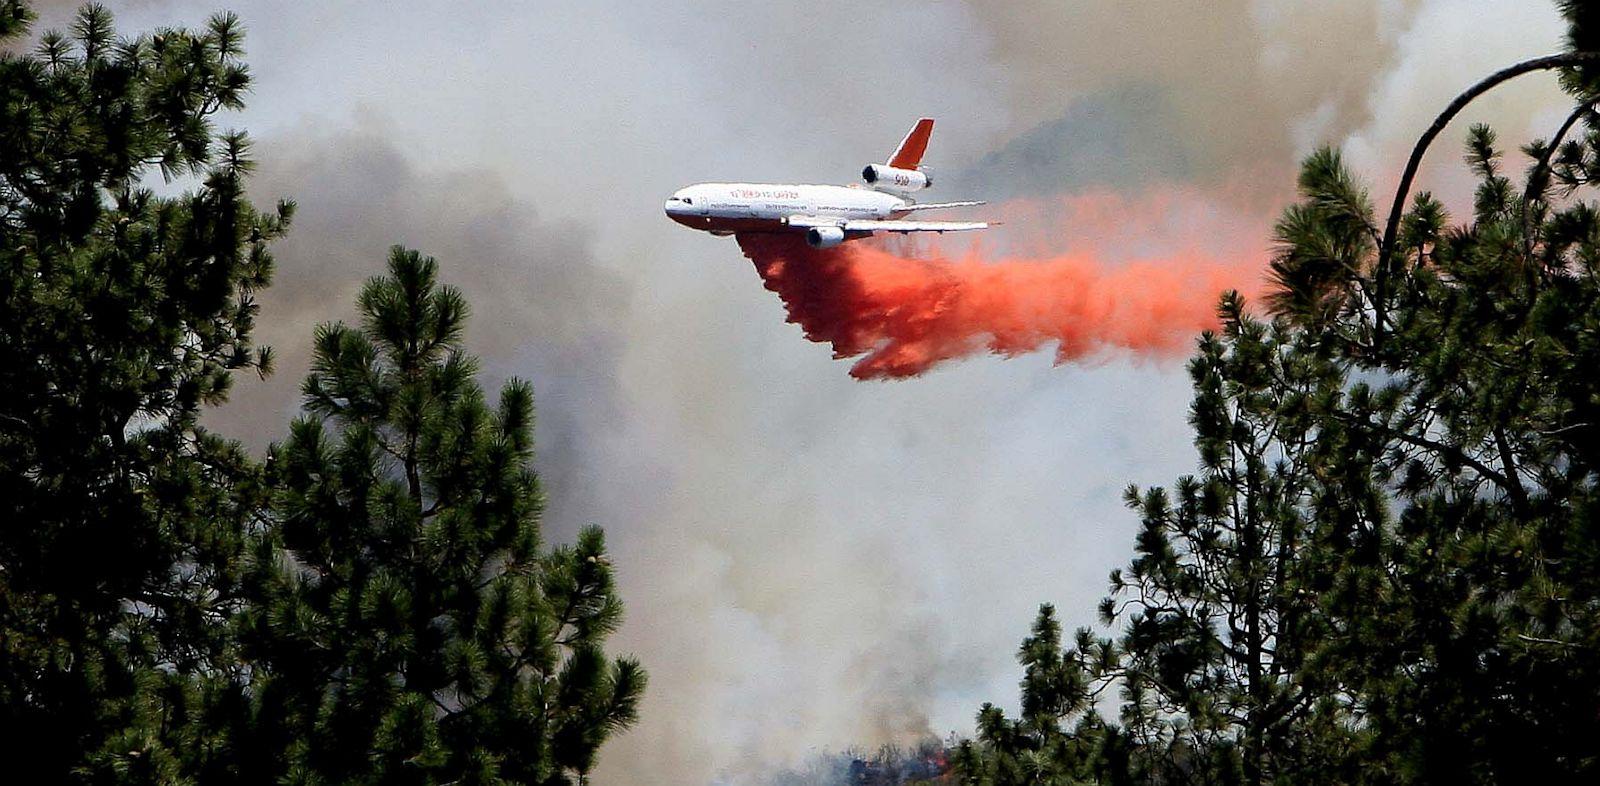 PHOTO: An air tanker